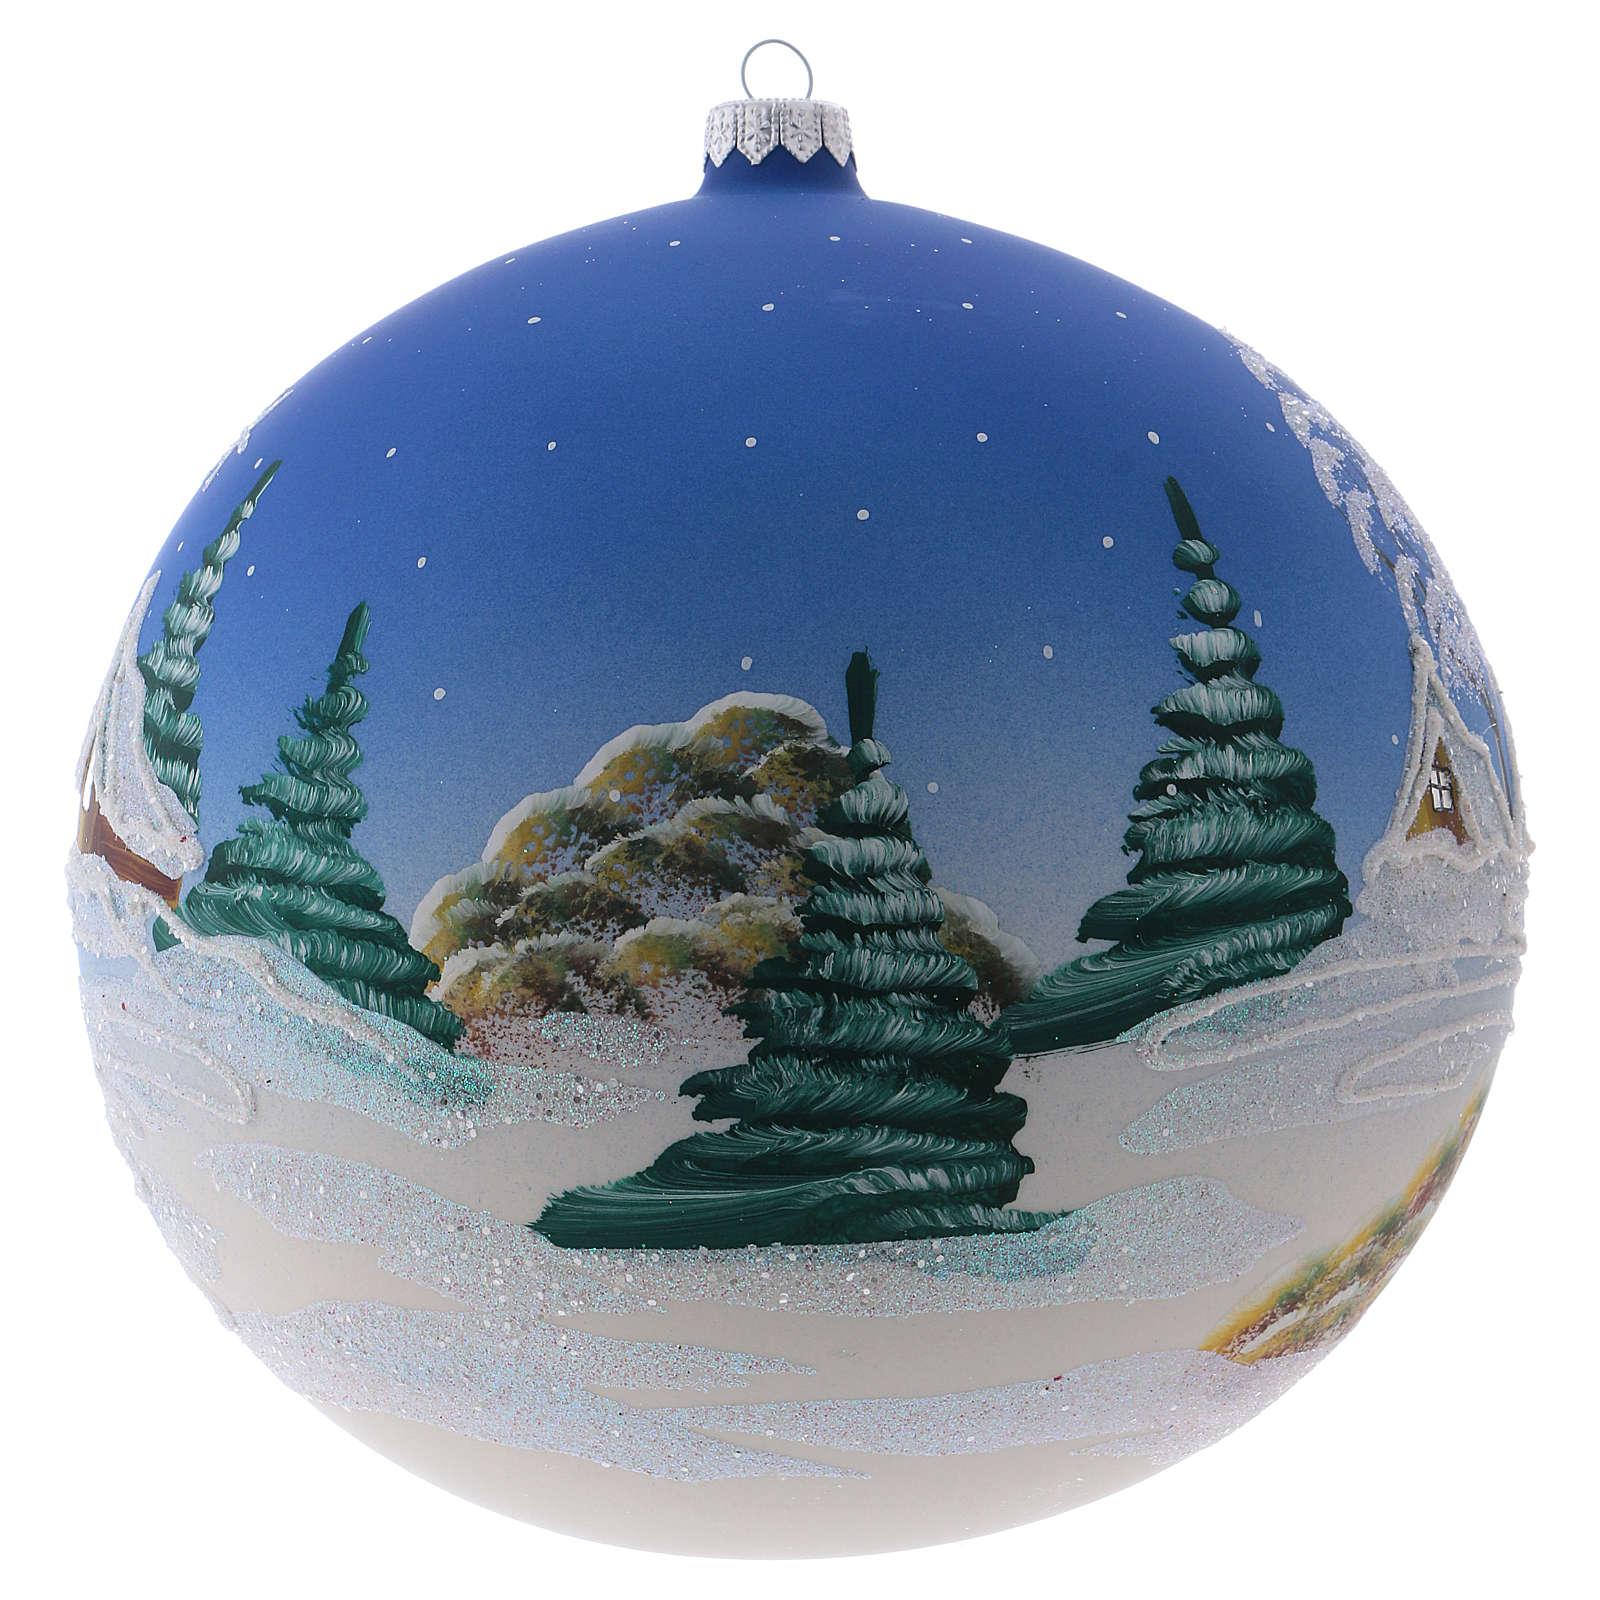 Palla Natale 200 mm vetro soffiato paese nordico innevato cielo blu 4